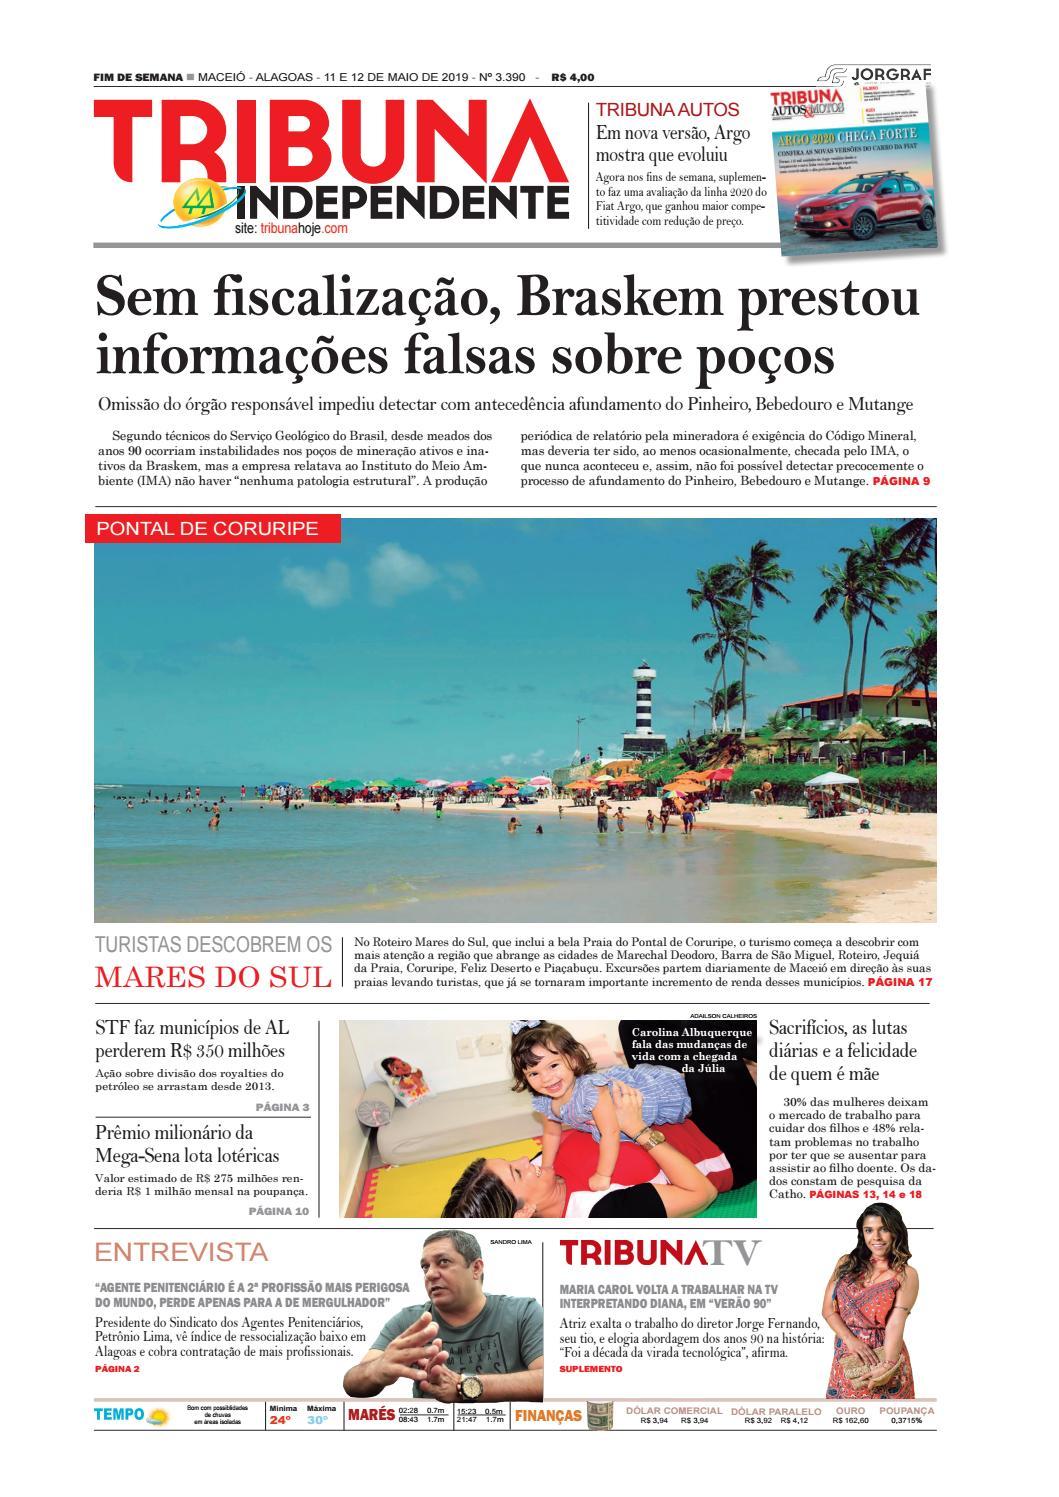 7e17bc2ed76bb Edição número 3390 - 11 e 12 de maio de 2019 by Tribuna Hoje - issuu